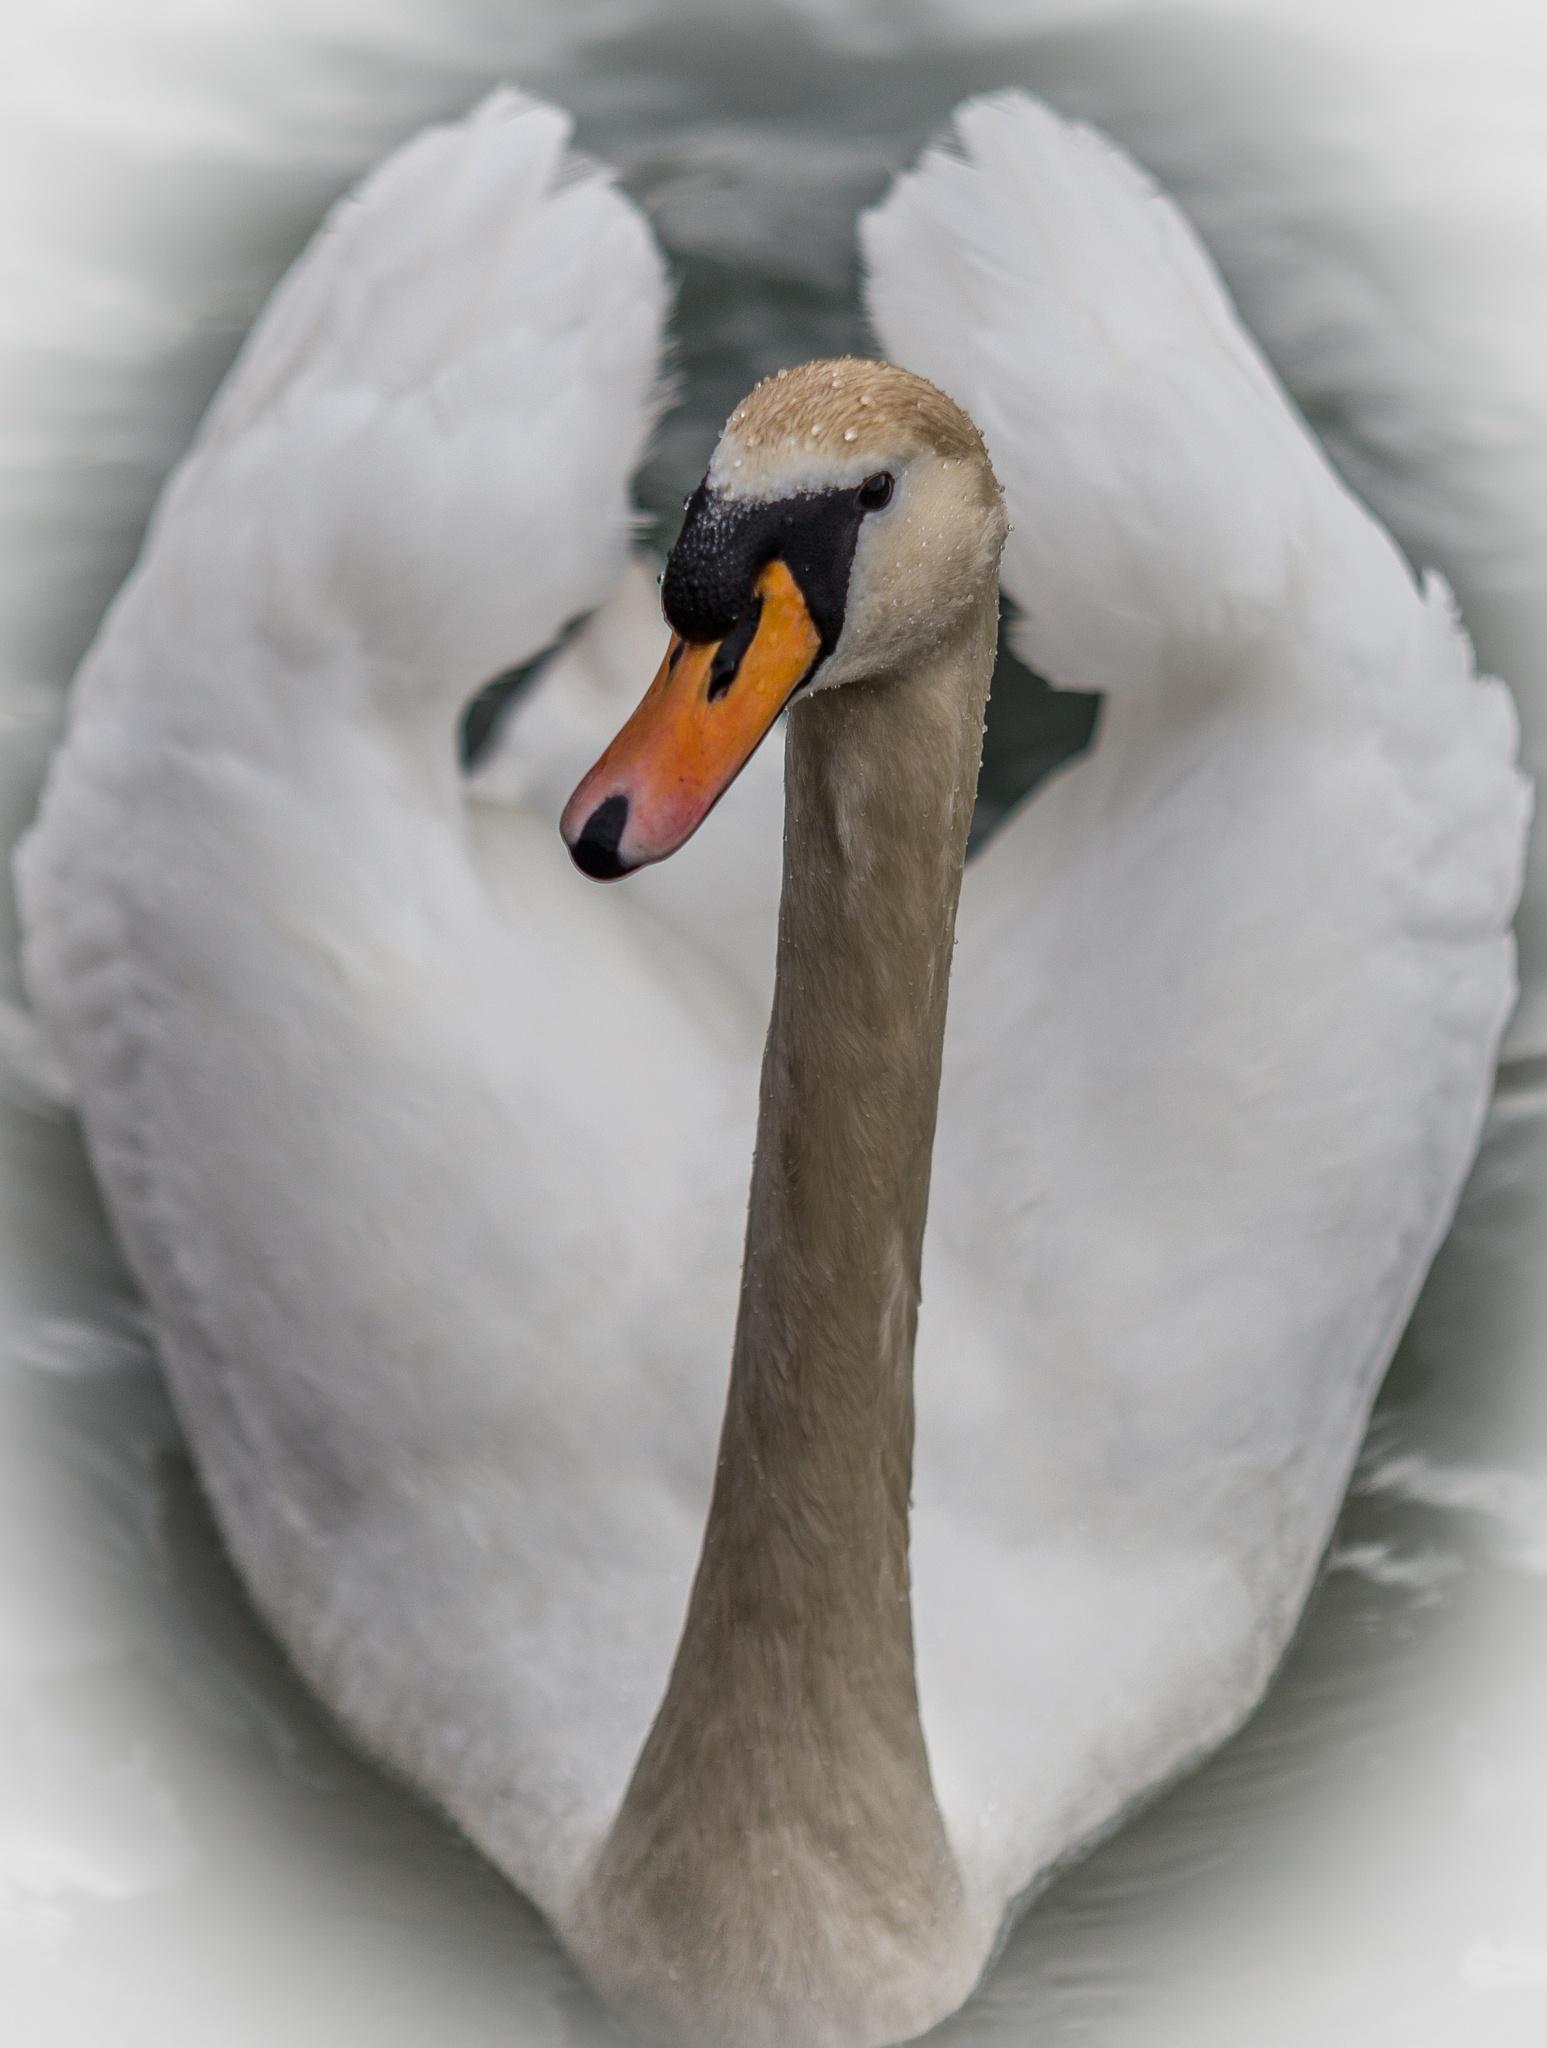 Swan by zoran velickovski